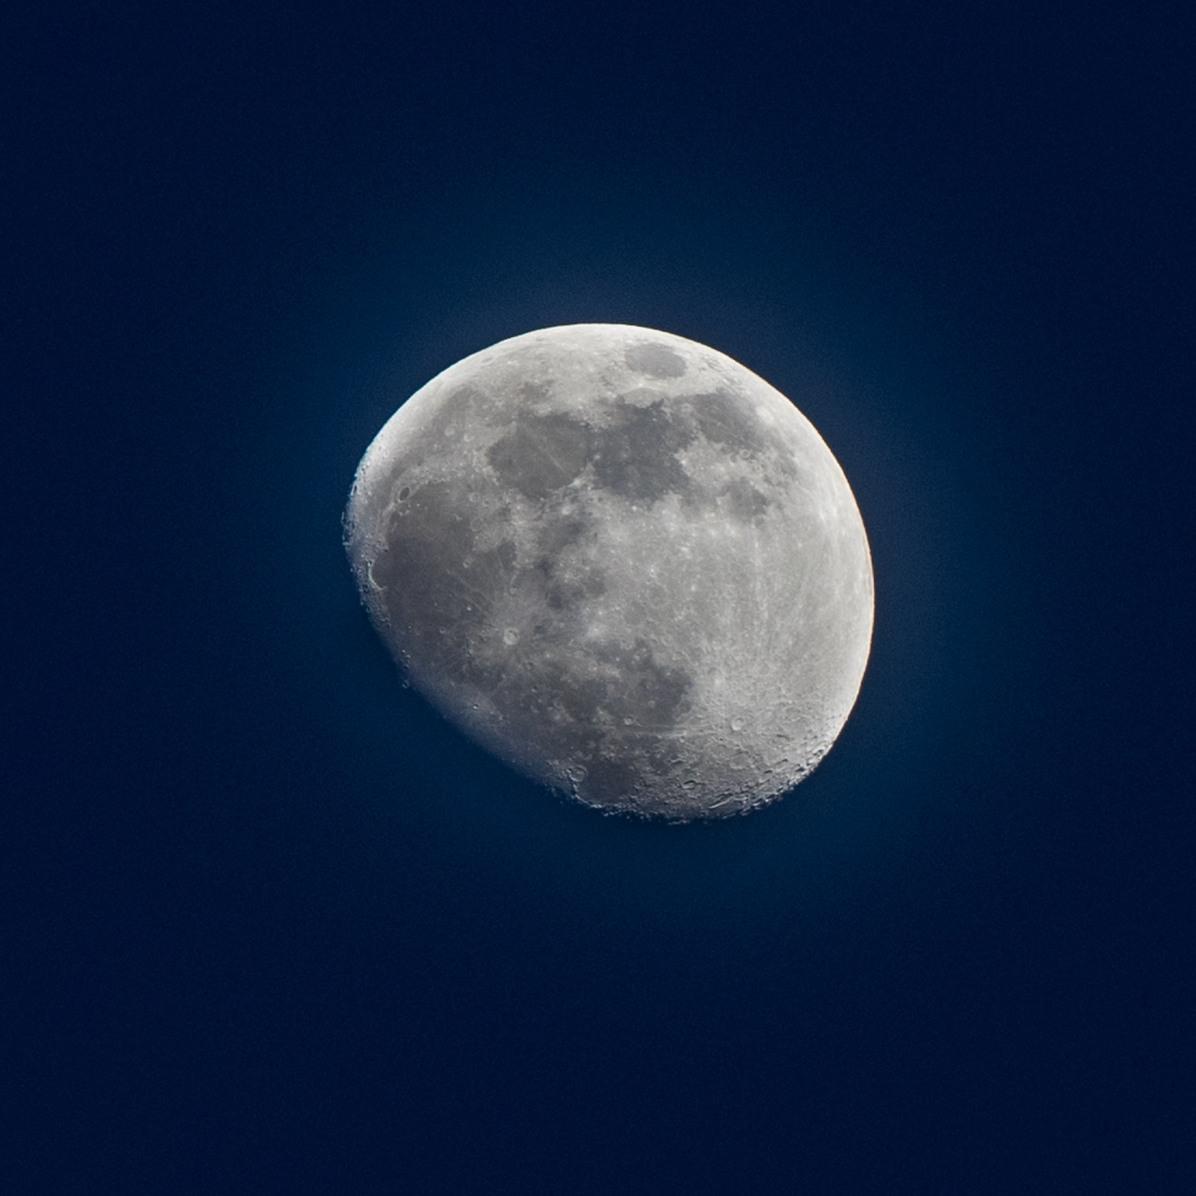 Dag 27 vanaf volle maan. 17-03-2019 Tijdstip 20.06 Maanopkomst 13.54 Maanondergang 05.12 (Maan 27) Muzieknummer van dag 27: Luna, Allesandro Safina Annemarie Joziasse-de Boer